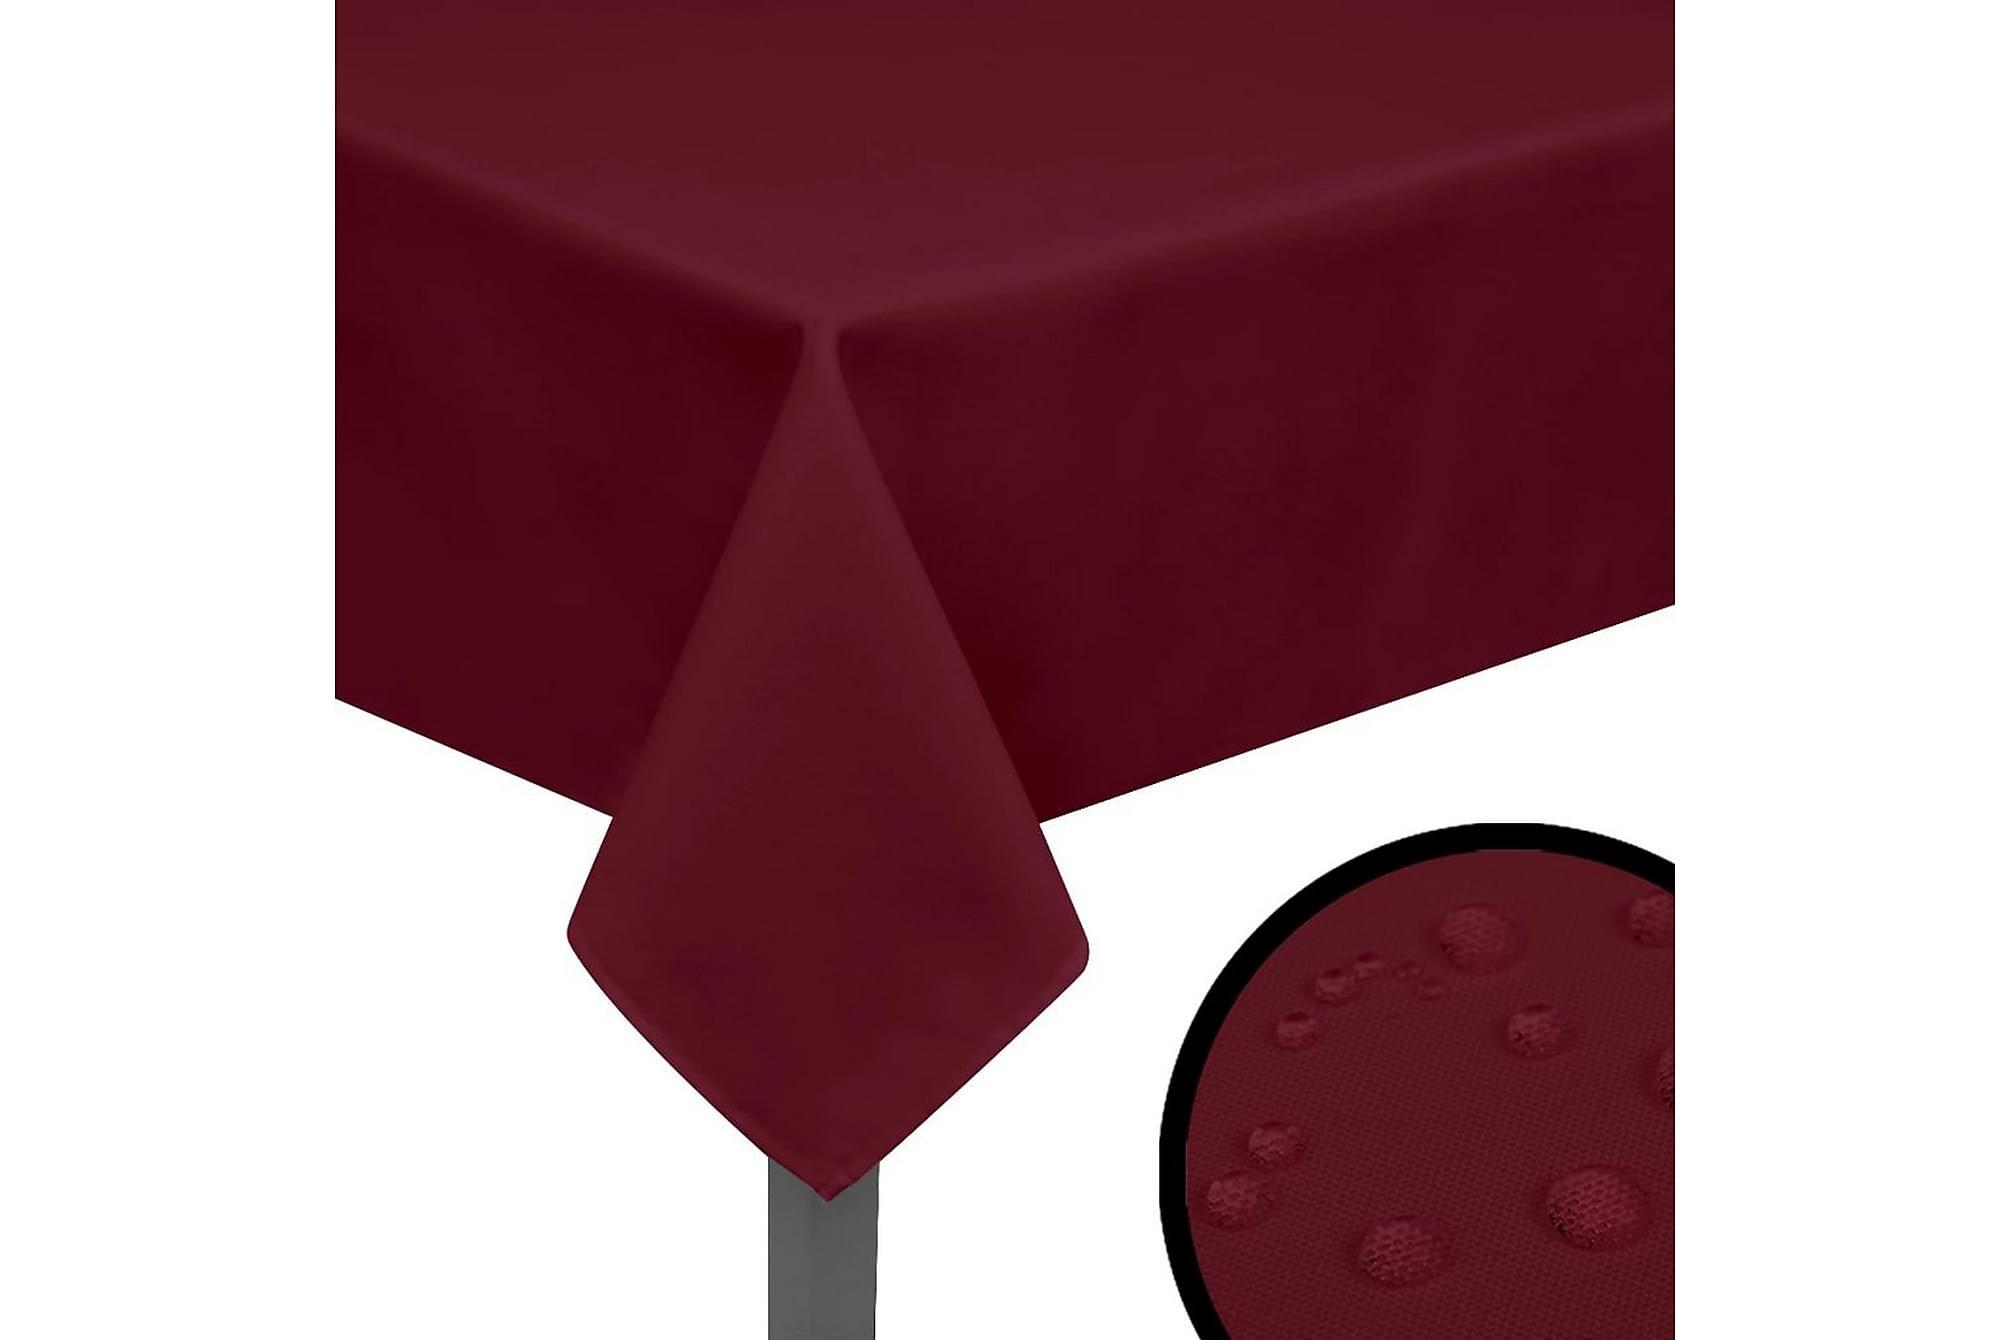 Bordsduk 5 st vinröd 190x130 cm, Kökstextilier